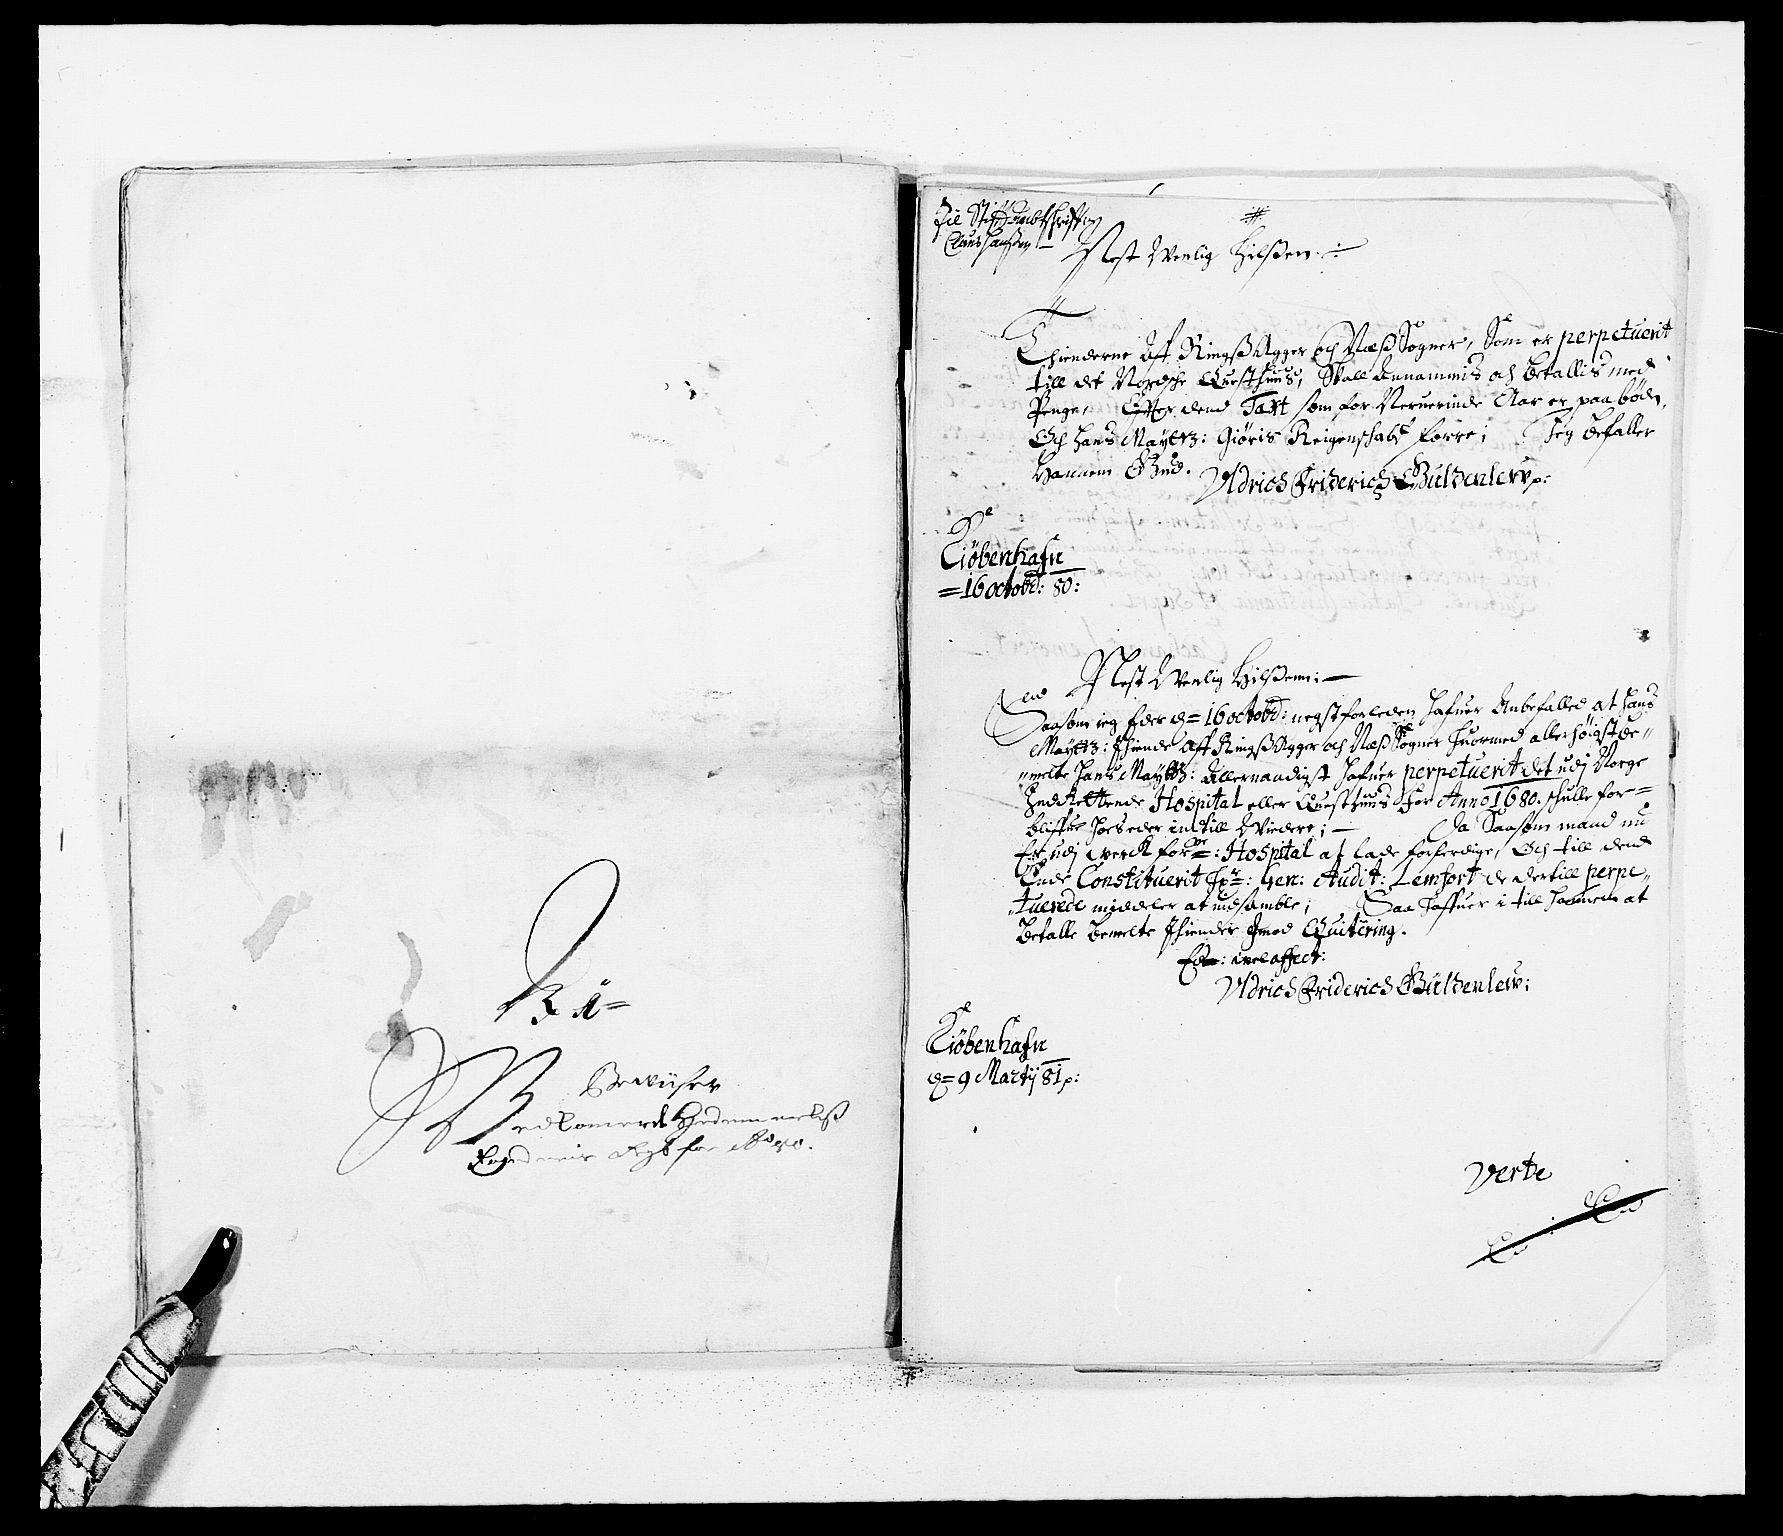 RA, Rentekammeret inntil 1814, Reviderte regnskaper, Fogderegnskap, R16/L1020: Fogderegnskap Hedmark, 1680, s. 318